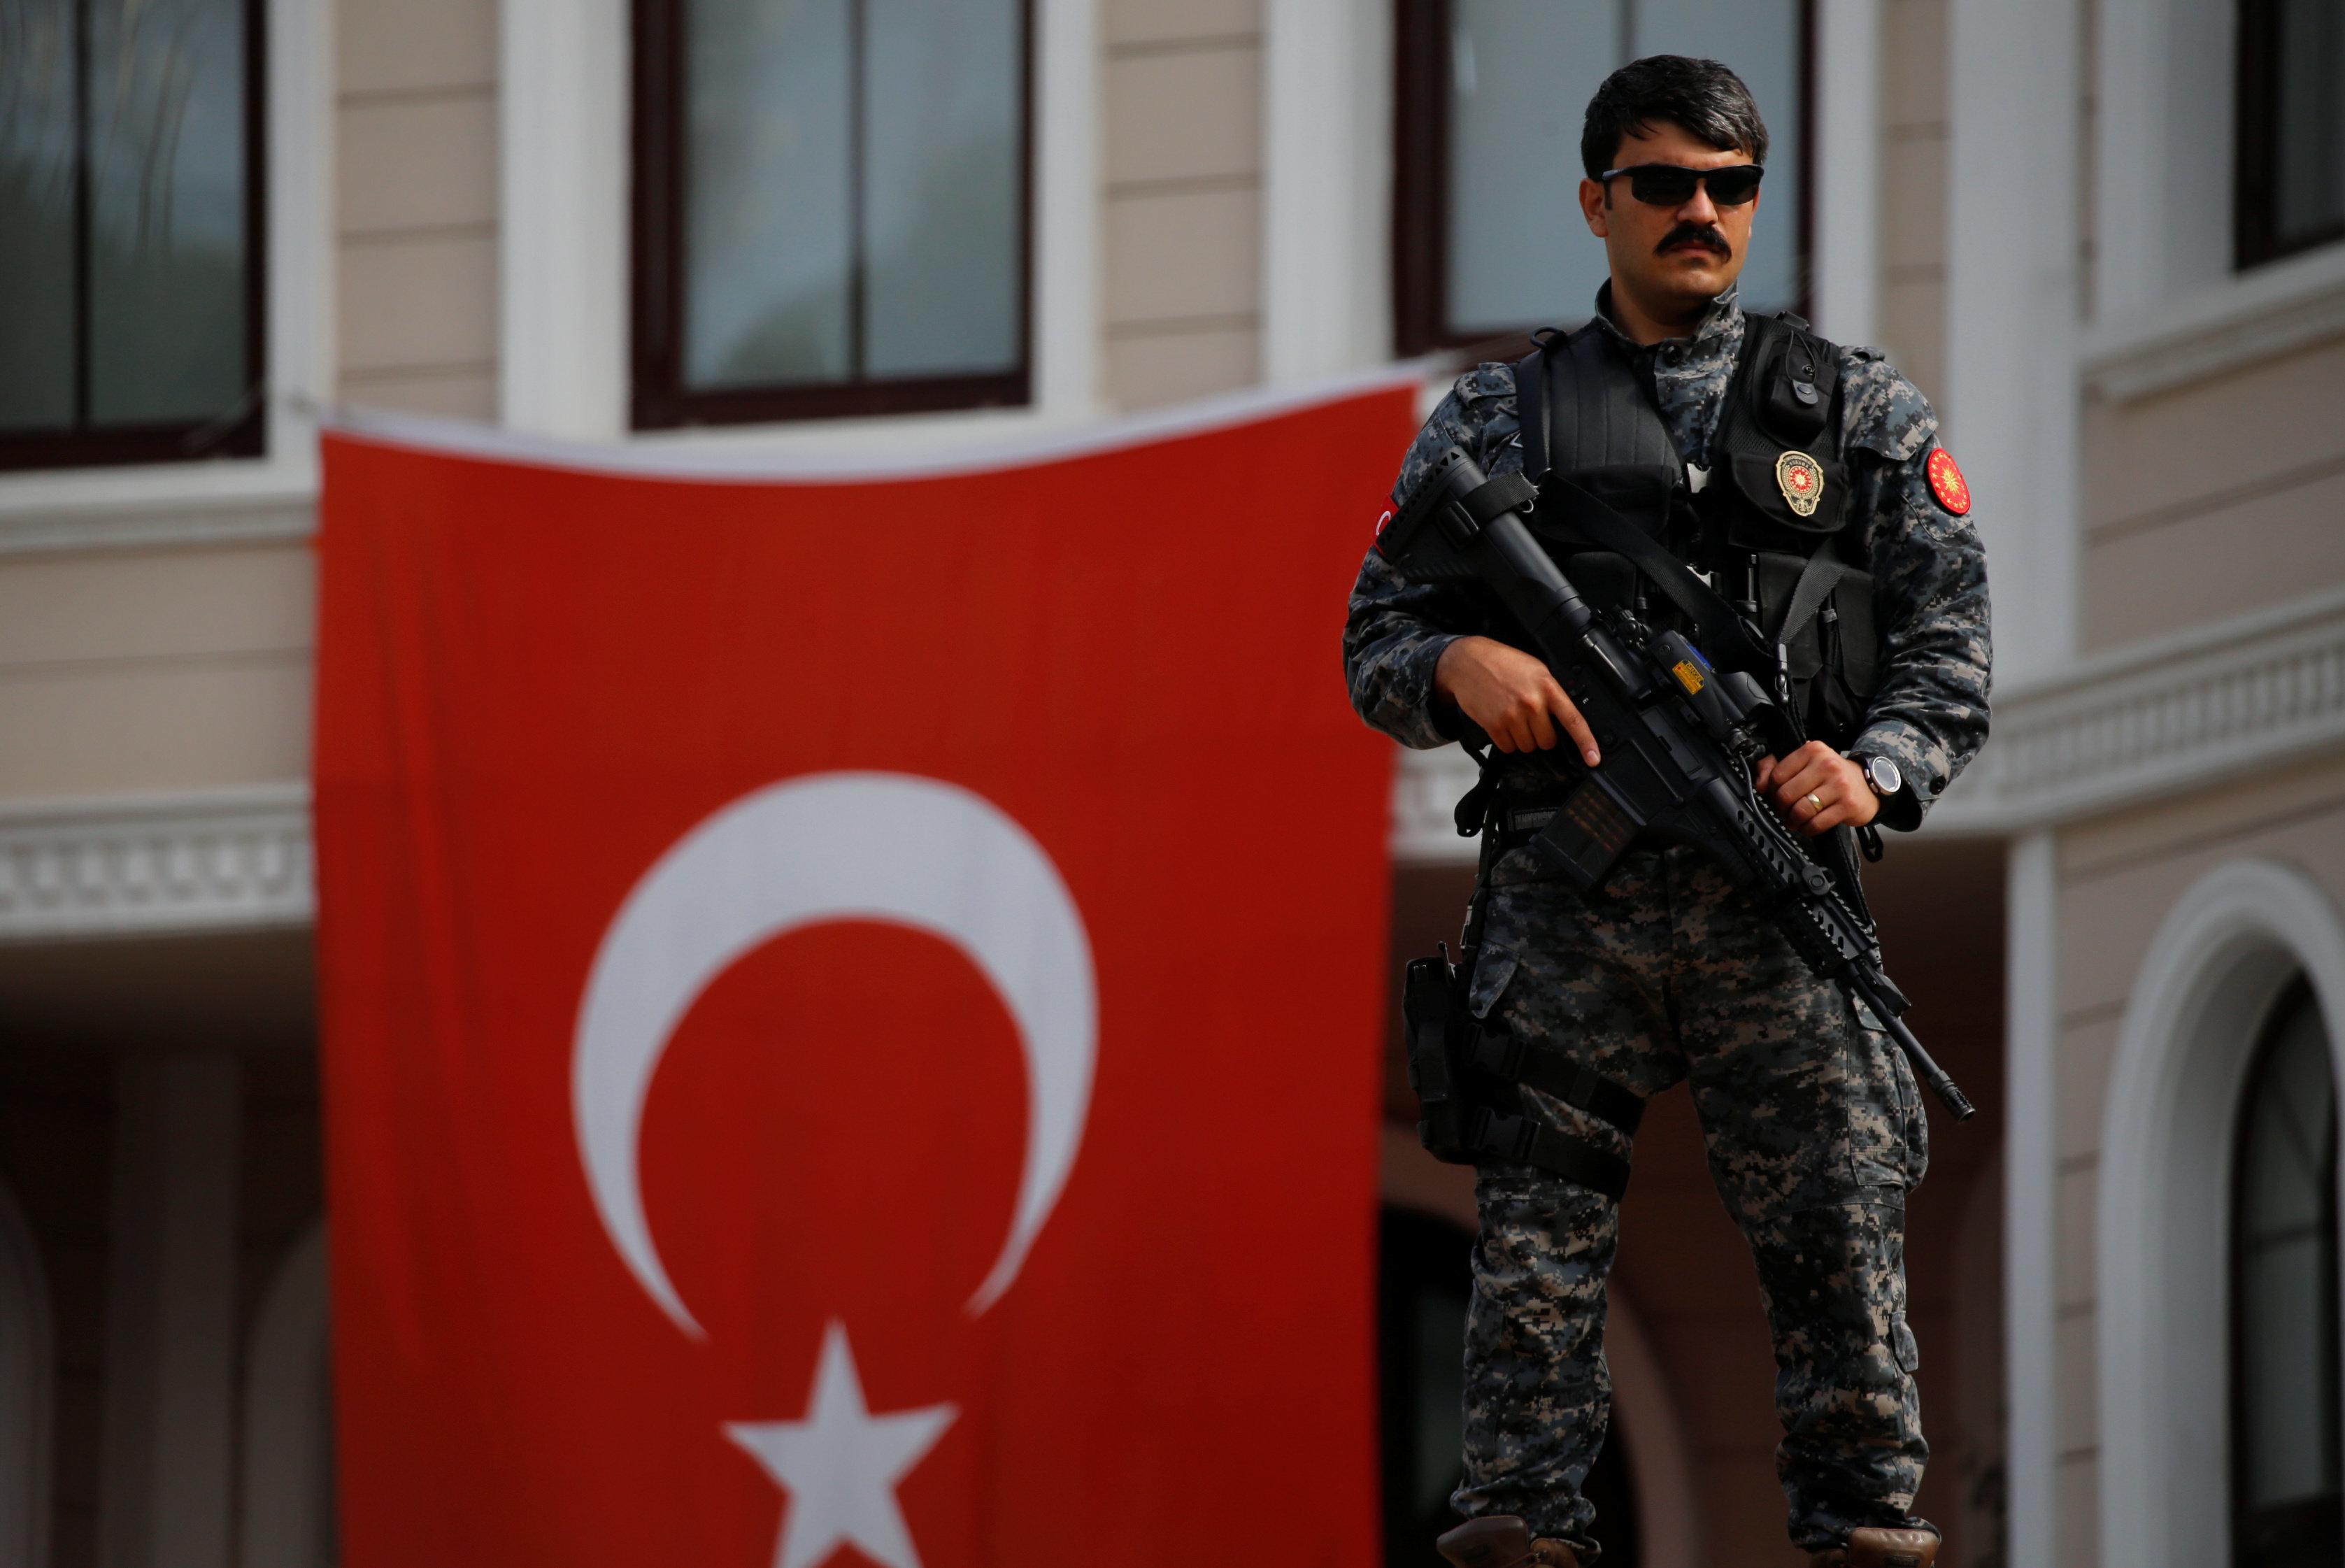 Mann aus Hamburg: Erneut Deutscher in der Türkei verhaftet